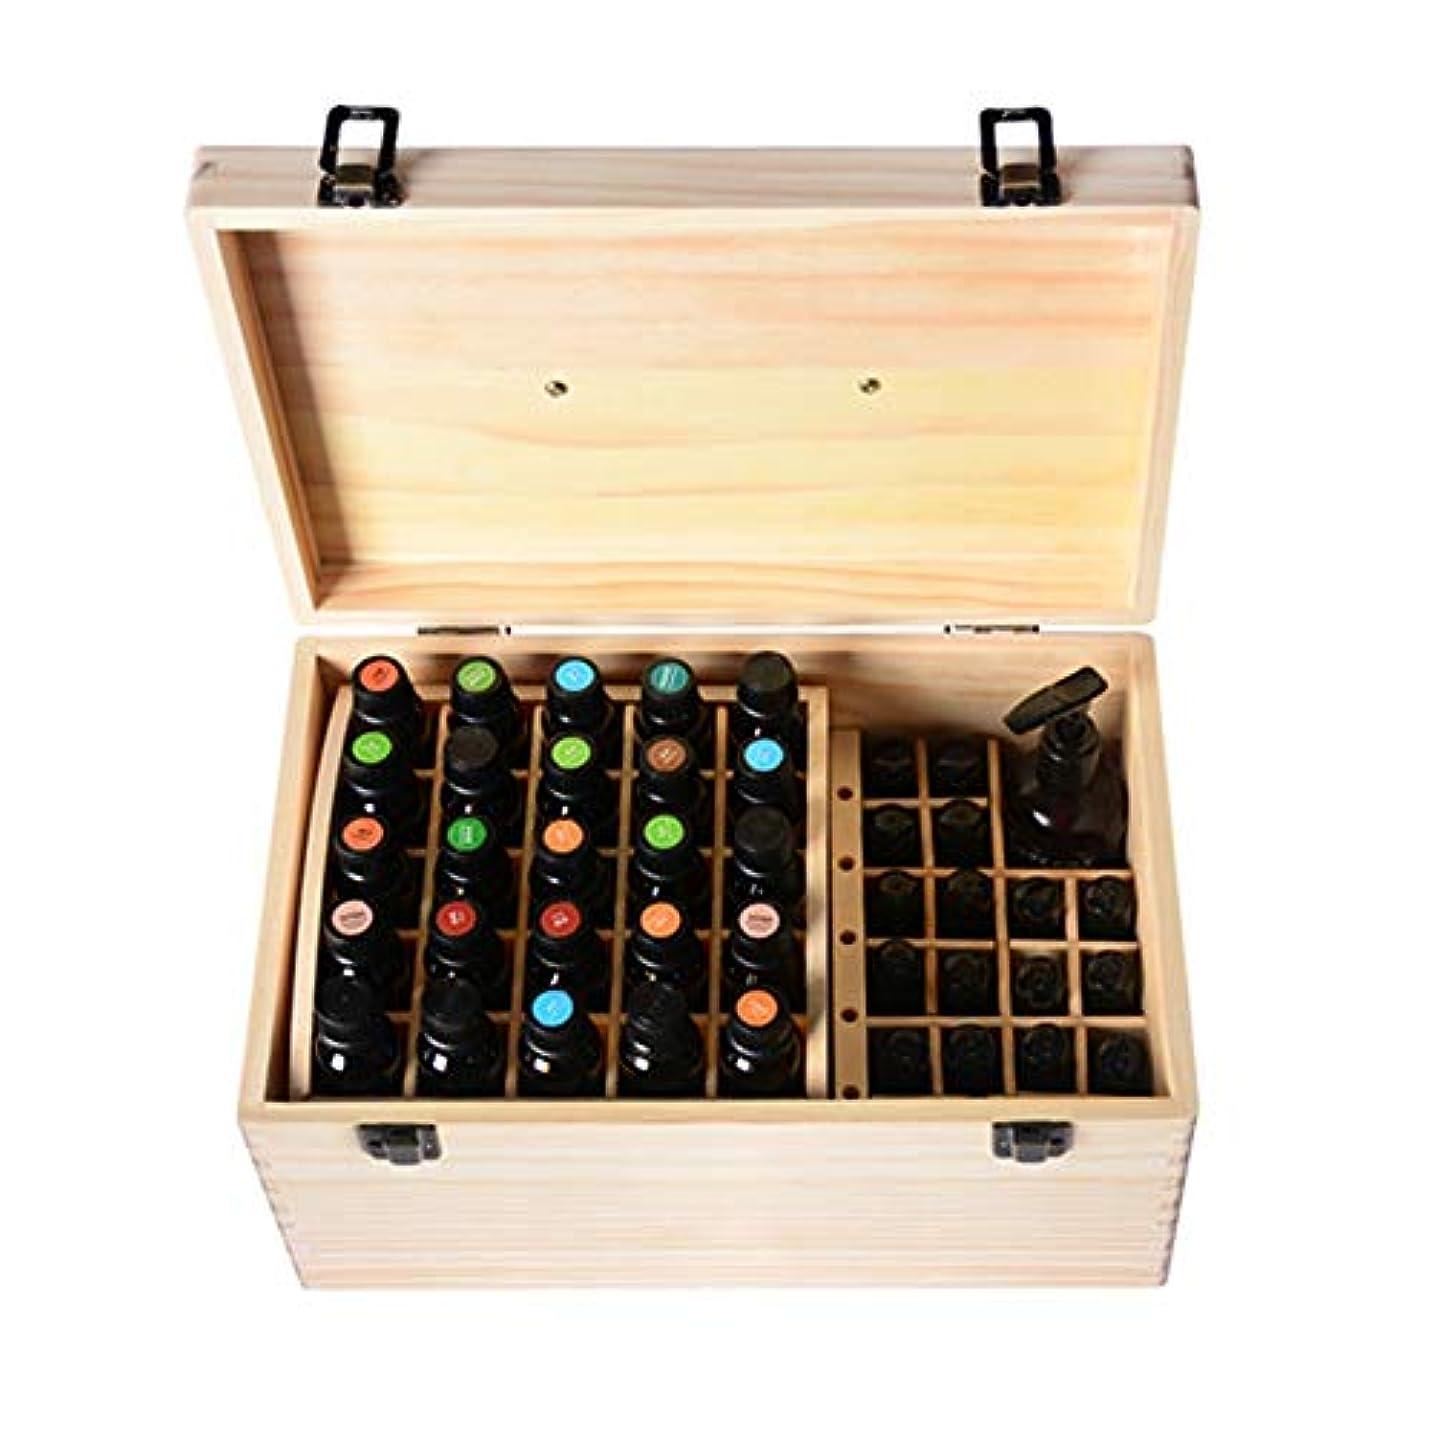 命令的電気のギャロップ74スロット木エッセンシャルオイルボックス収納ケース内部のリムーバブルは15/10 M1のボトルナチュラルパインを開催します アロマセラピー製品 (色 : Natural, サイズ : 35X20X16.5CM)